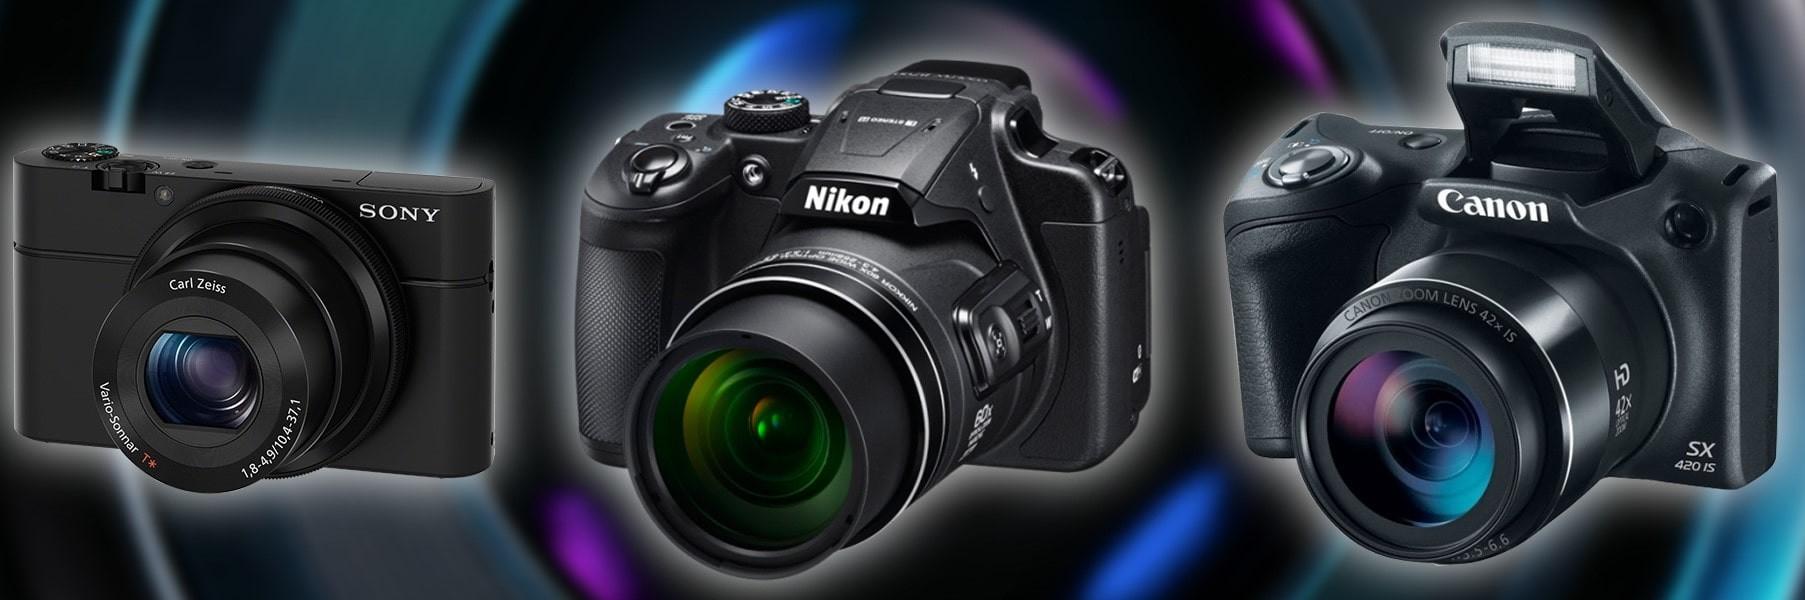 помощью лучший фотоаппарат на алиэкспресс ежедневно приходится